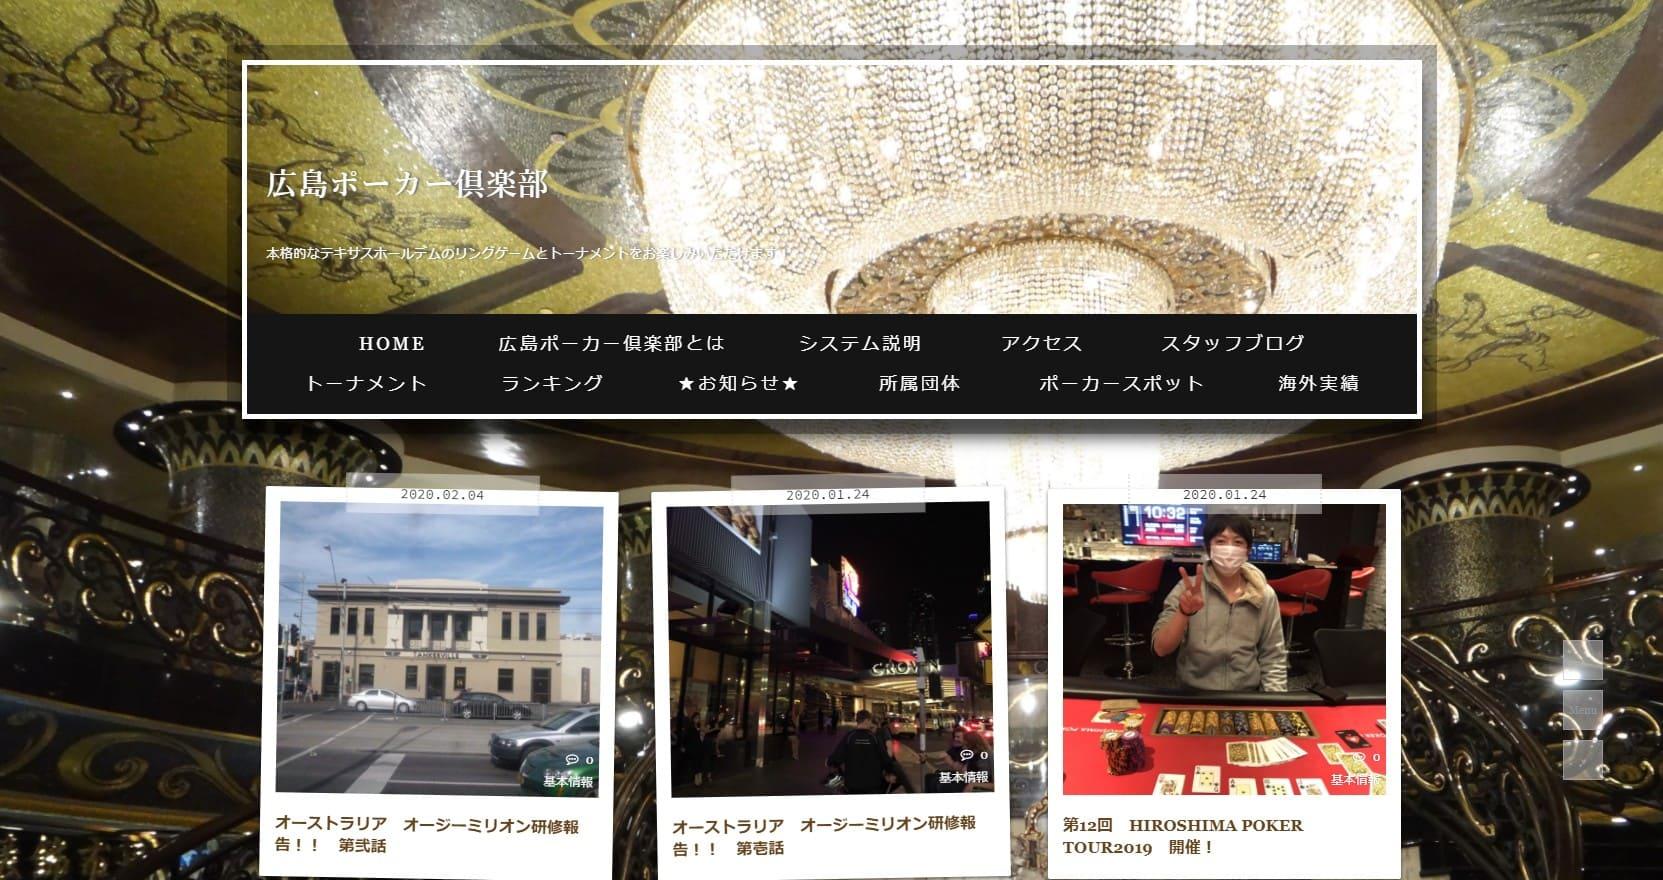 広島ポーカー倶楽部のウェブサイト画像。